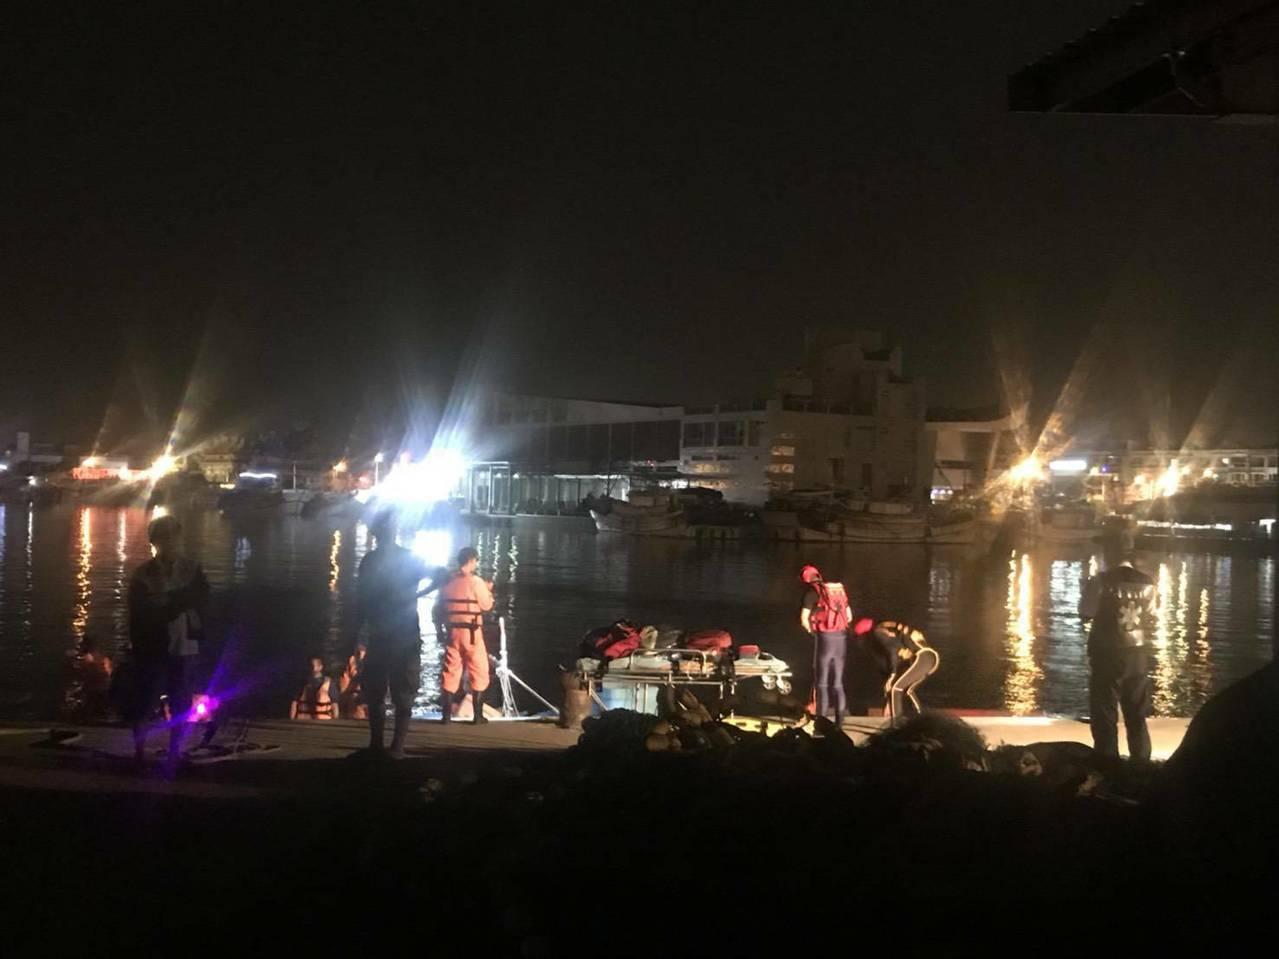 高雄市梓官蚵仔寮漁港今傍晚驚傳1自小客車墜海,海巡、消防搜救中。圖/讀者提供